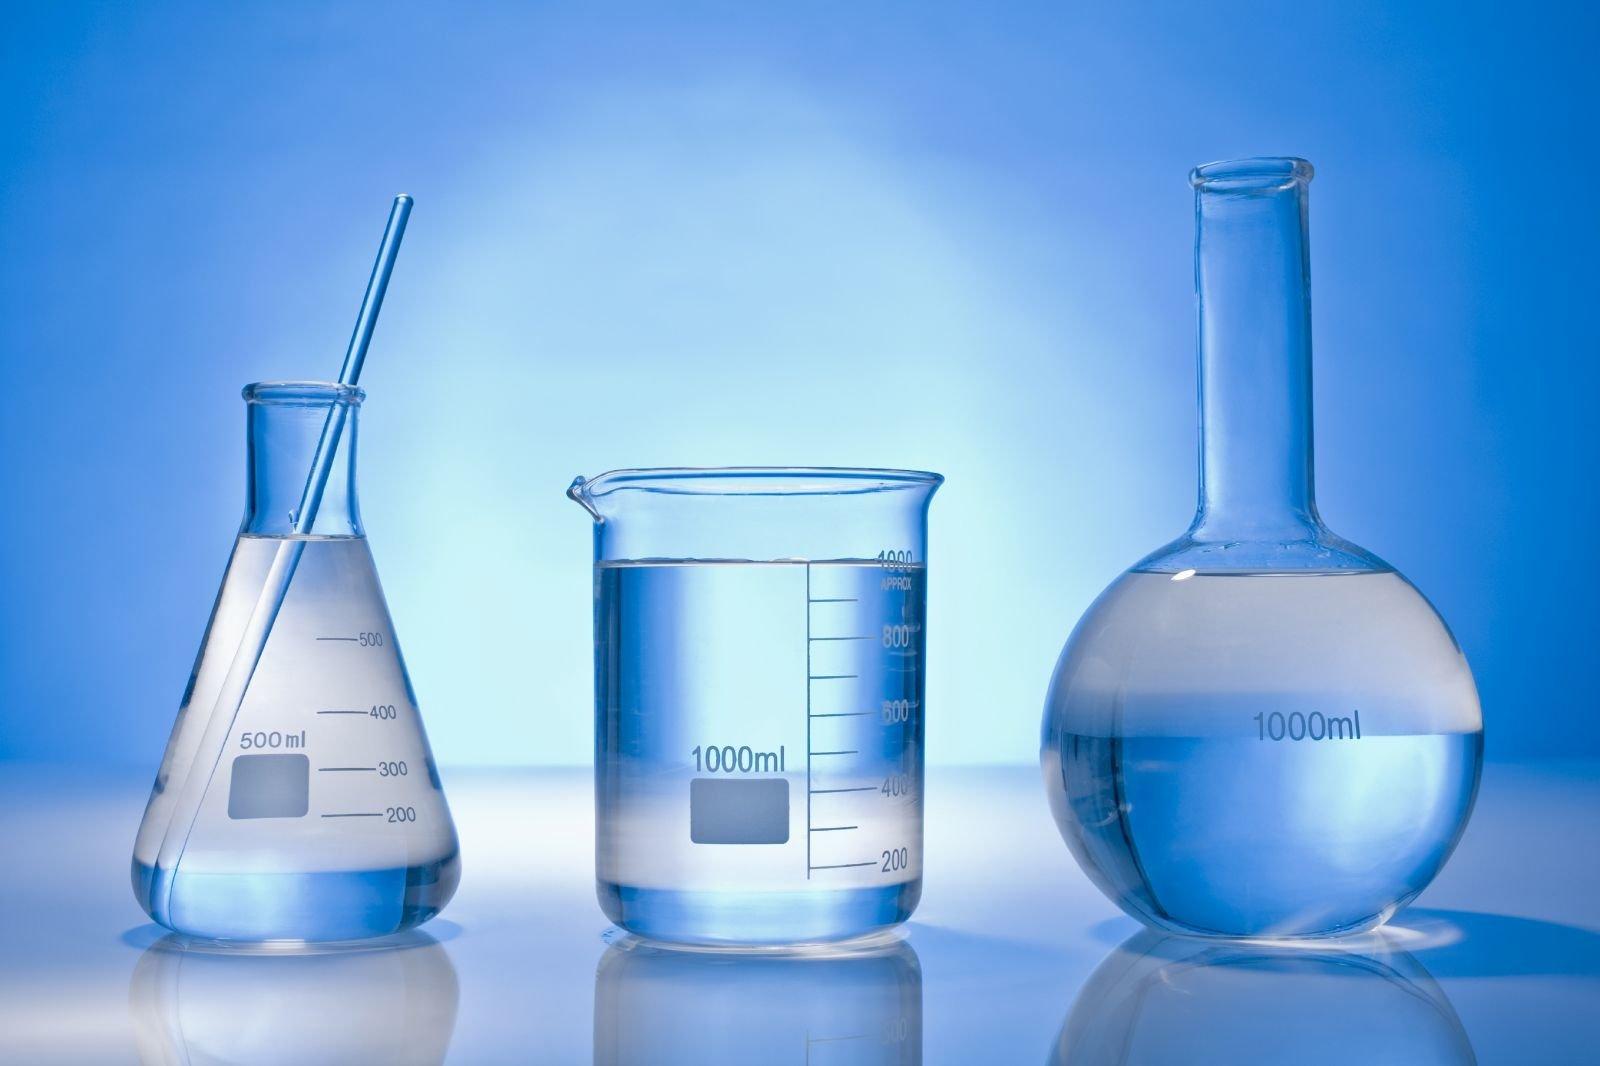 Протоколы лабораторных исследований (измерений)